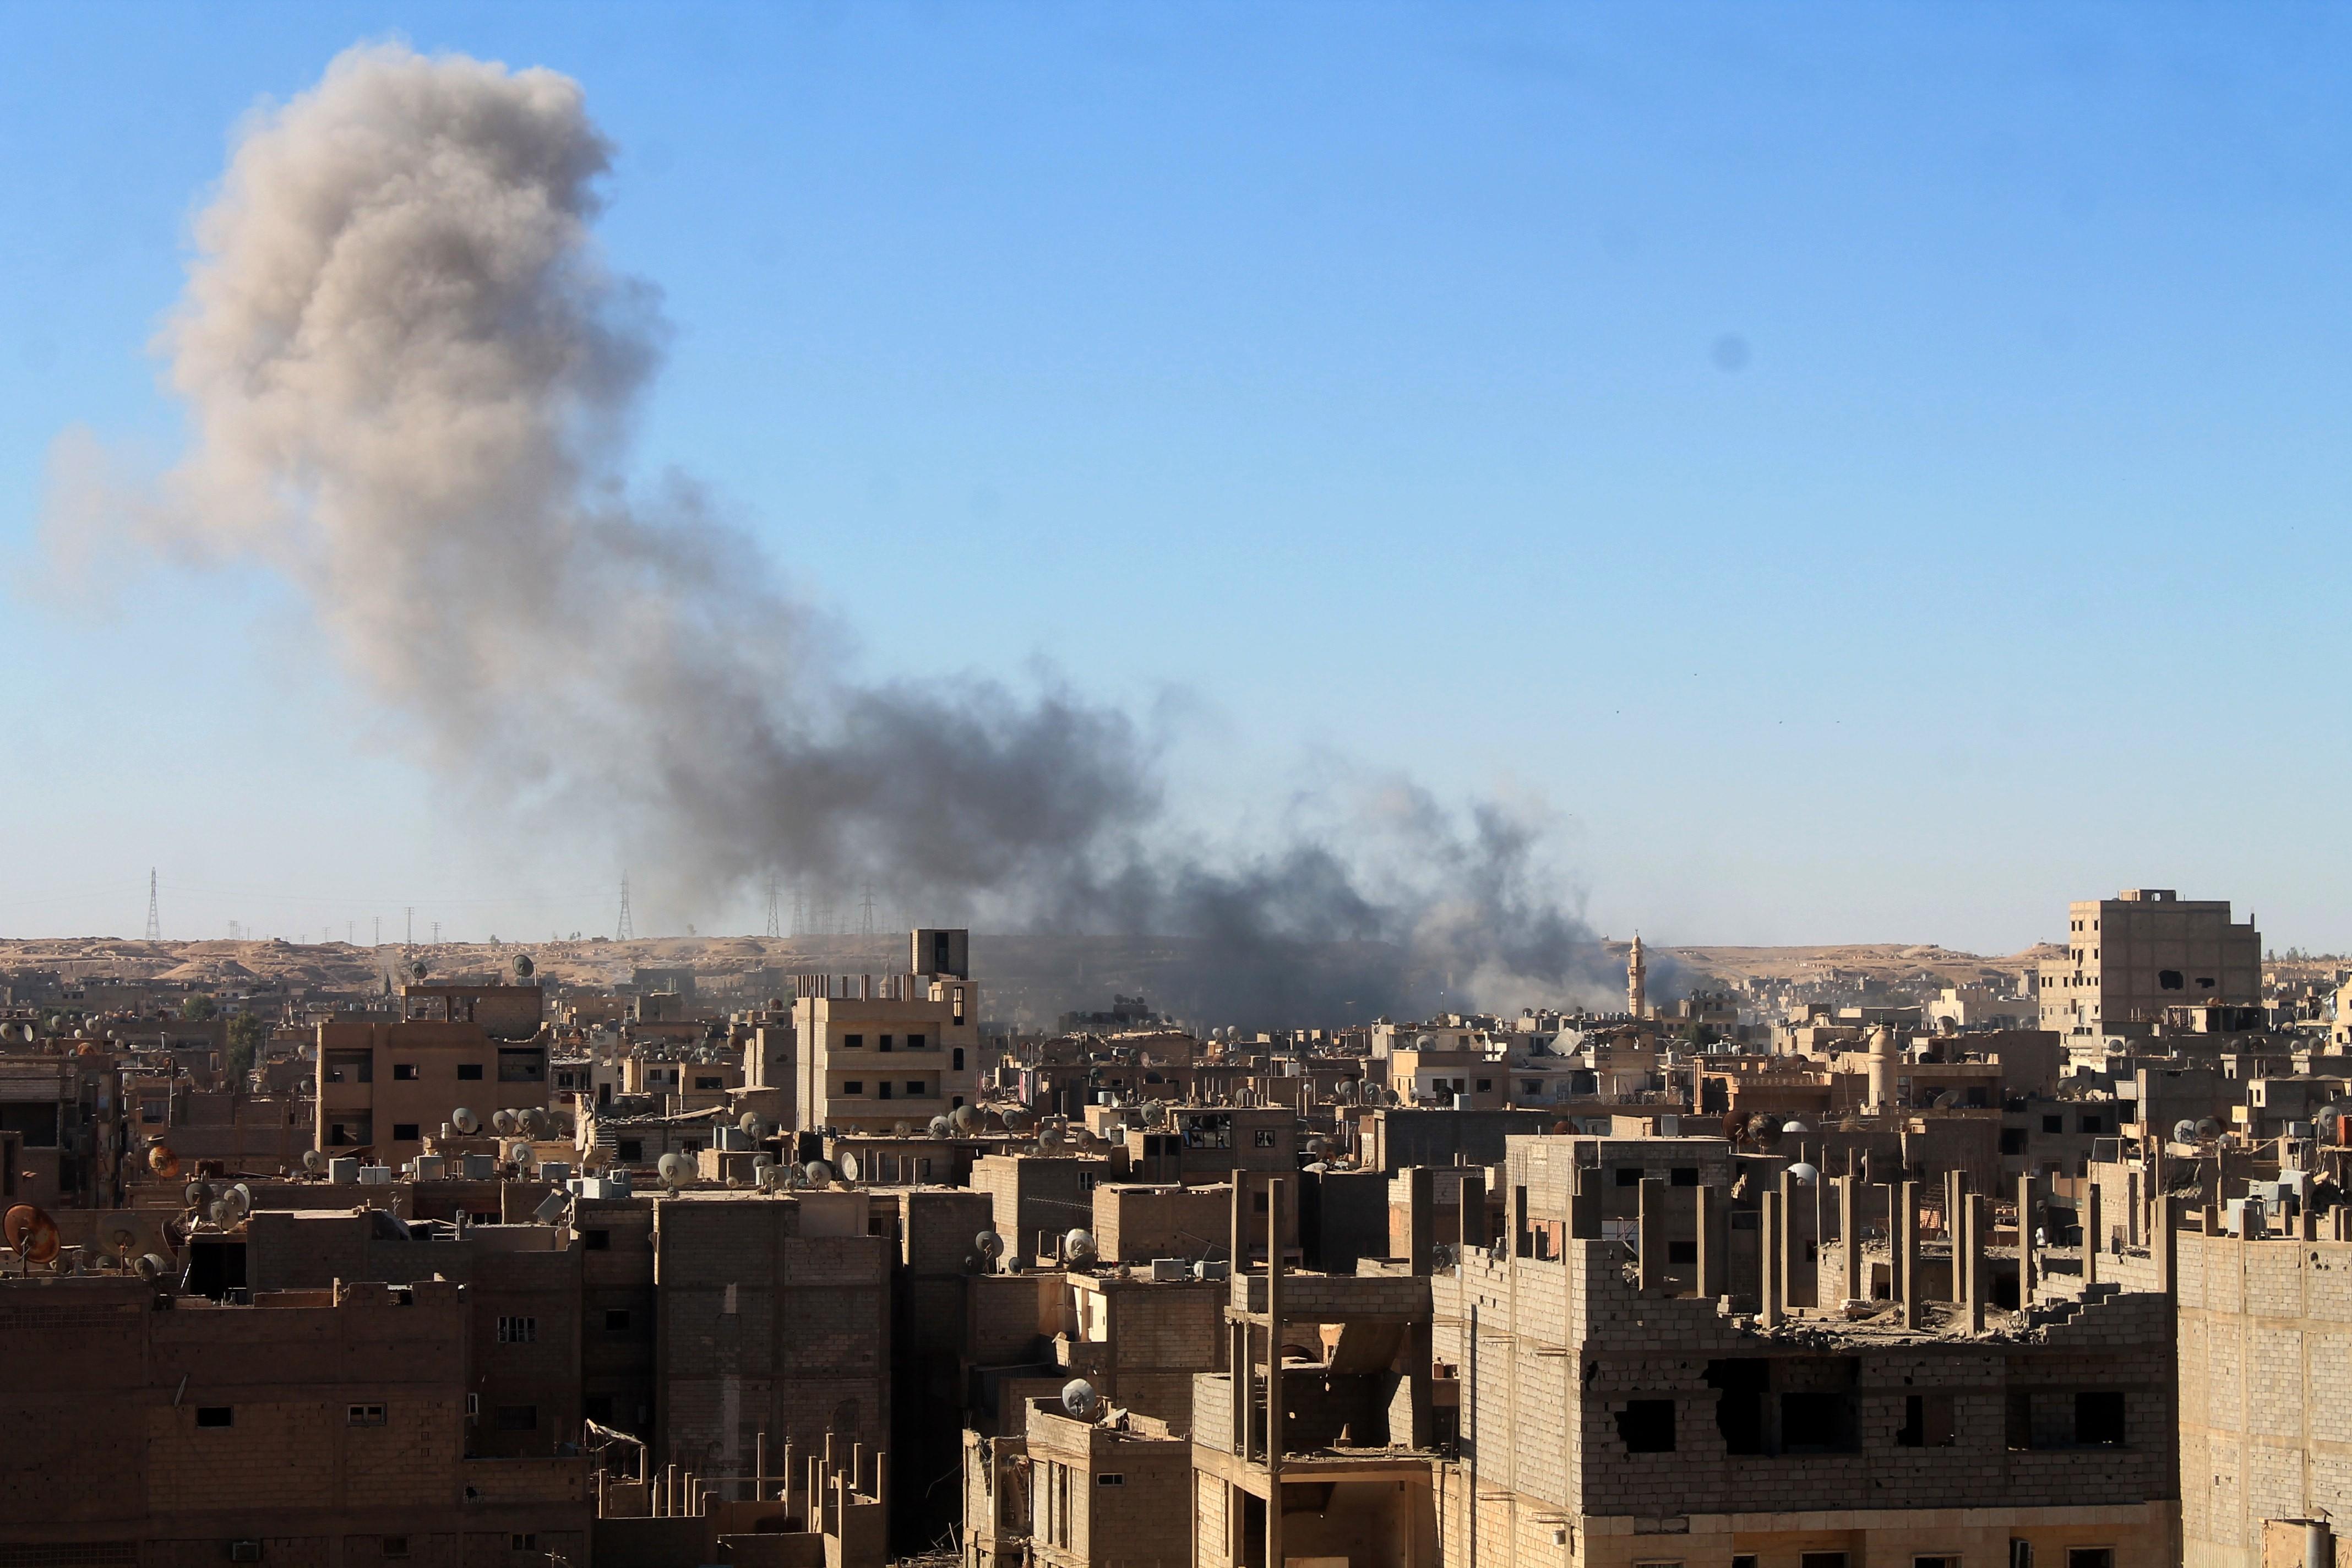 روسيا ترصد 33 خرقا لنظام وقف إطلاق النار فى سوريا خلال الـ24 ساعة الأخيرة